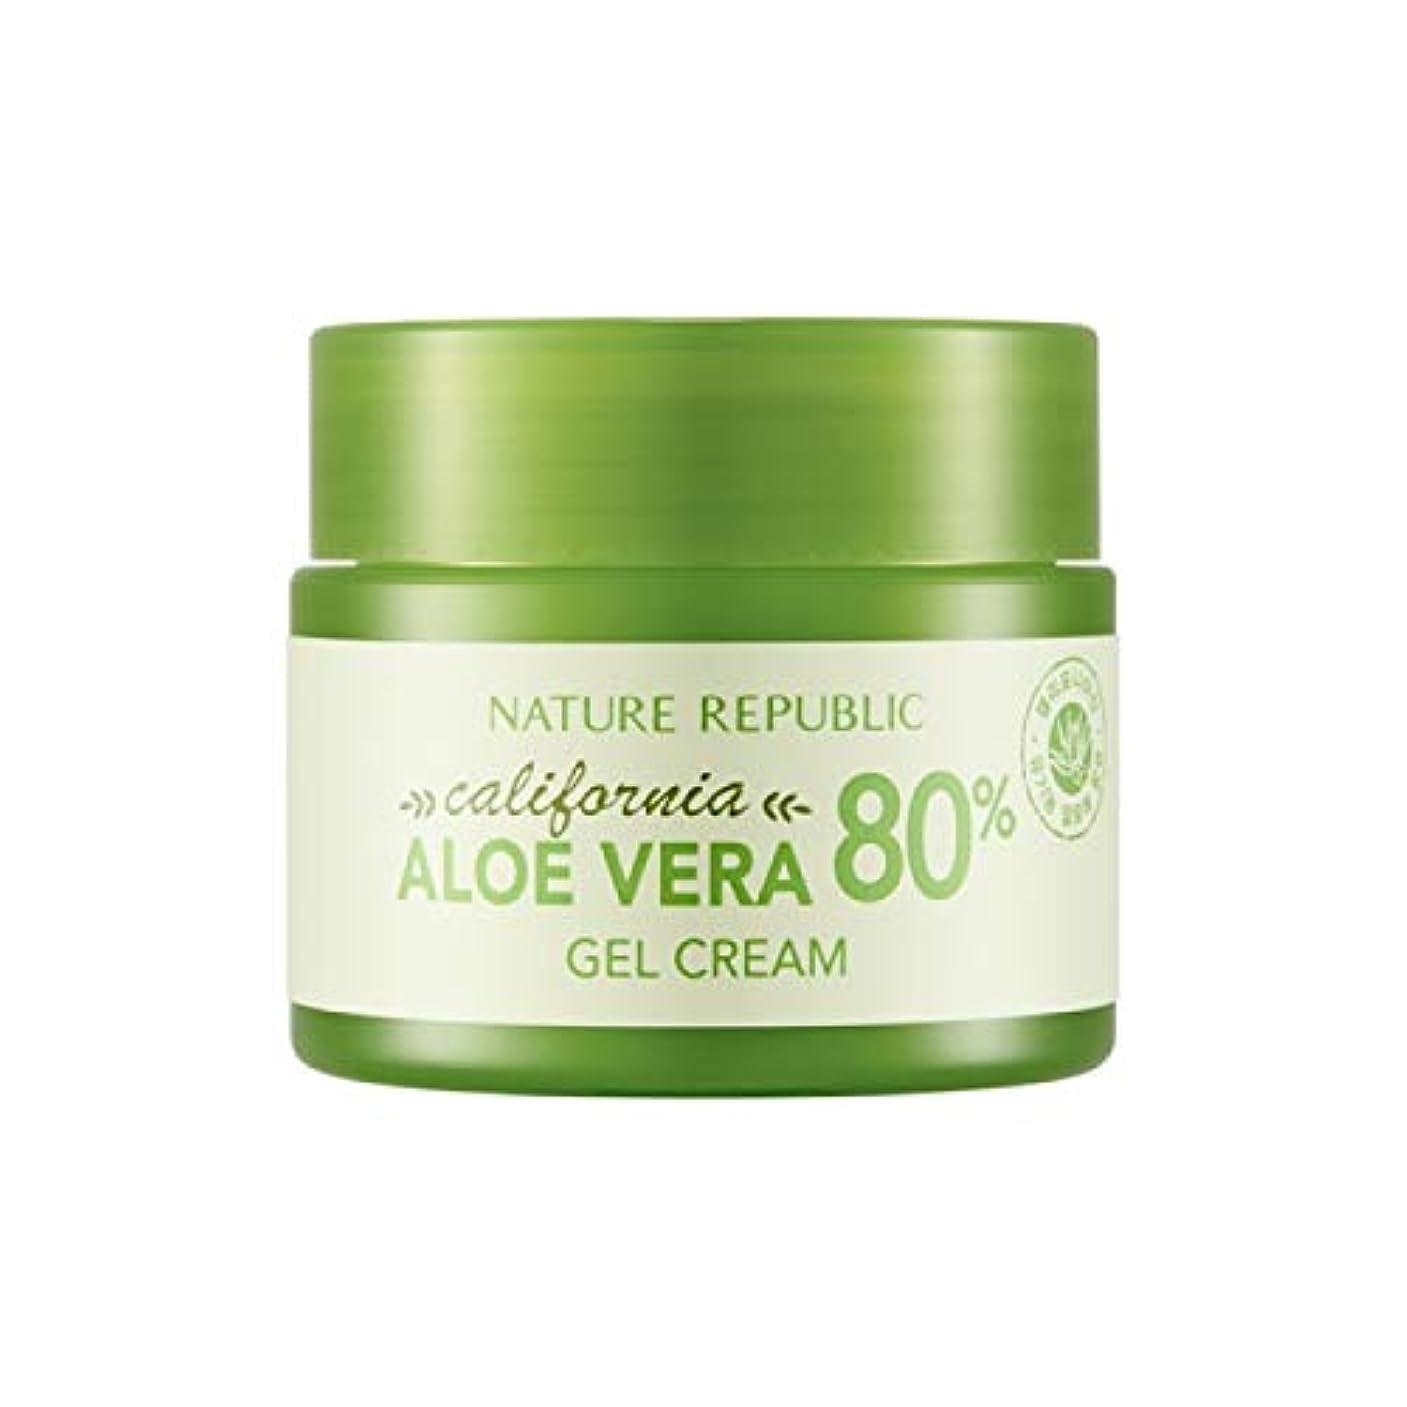 パッド模索レジネイチャーリパブリック(Nature Republic)カリフォルニアアロエベラ80%ジェルクリーム 50ml / California Aloe Vera 80% Gel Cream 50ml :: 韓国コスメ [並行輸入品]